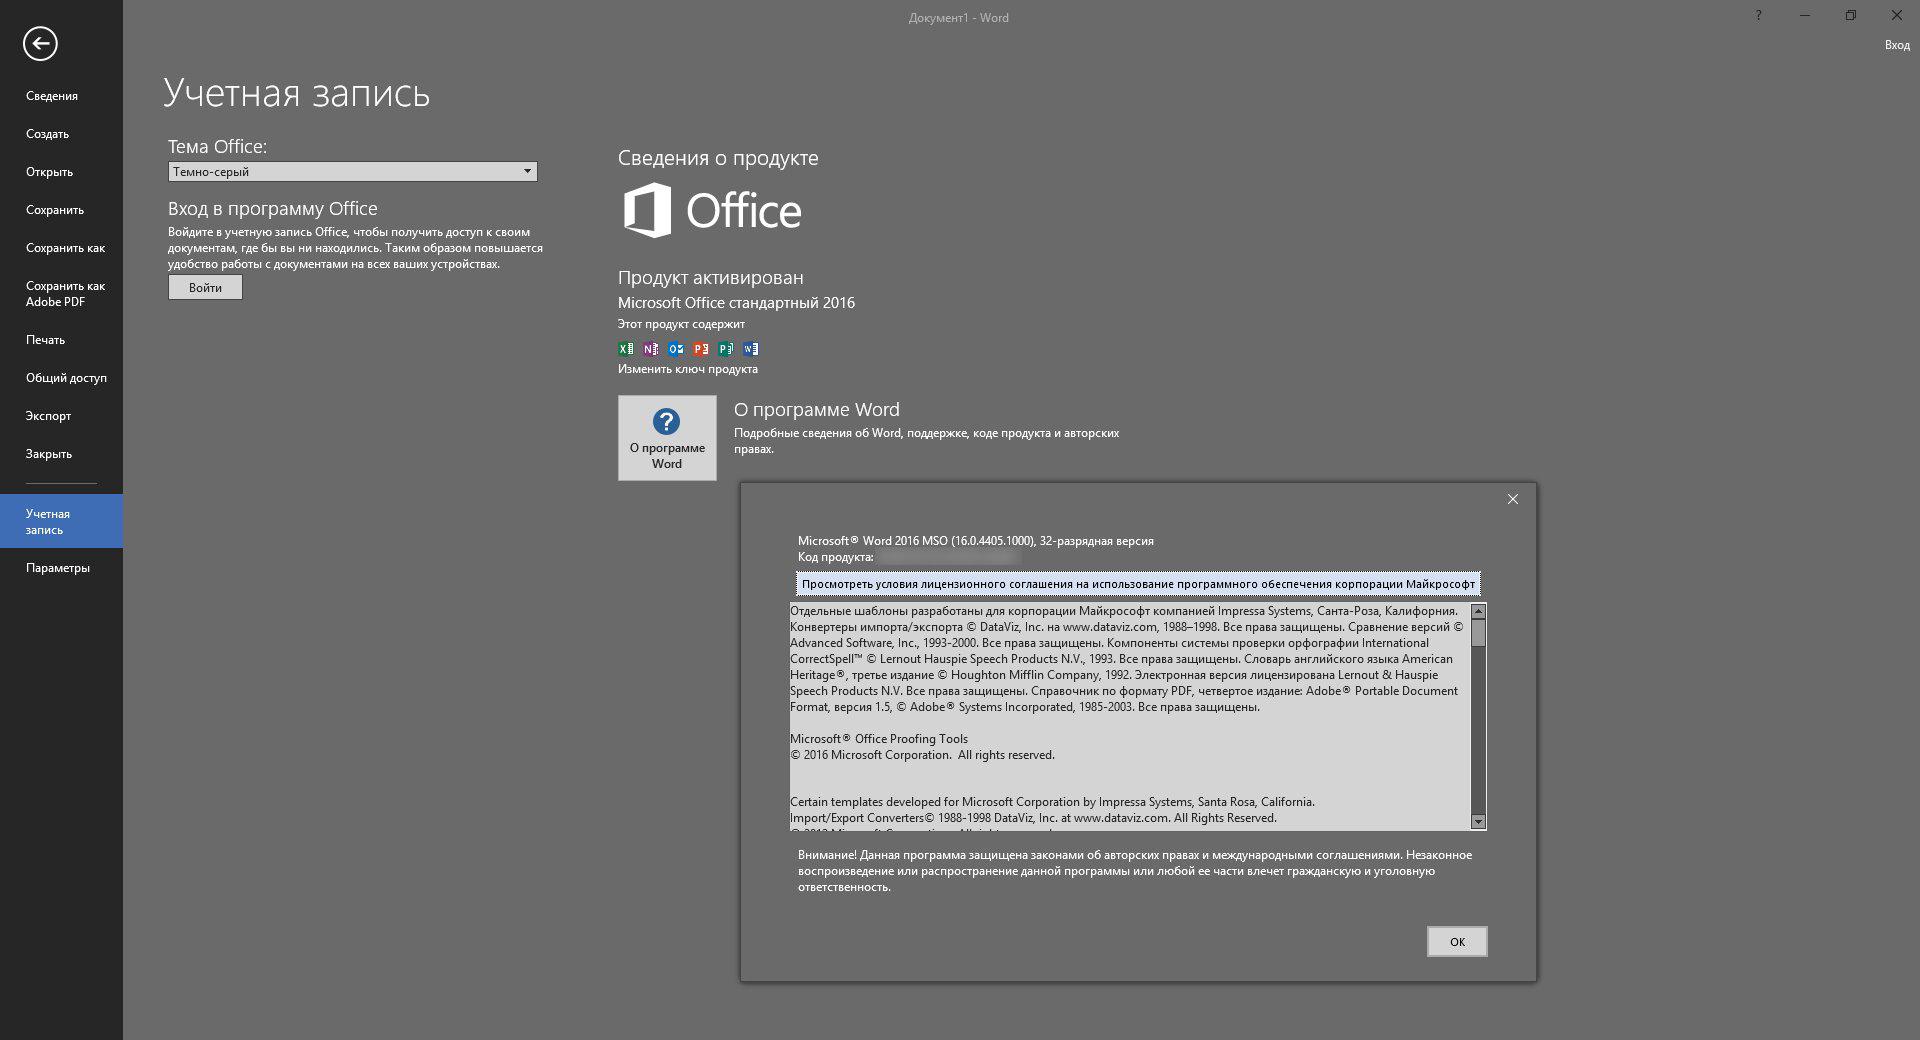 Майкрософт Офис 2016 Торрент